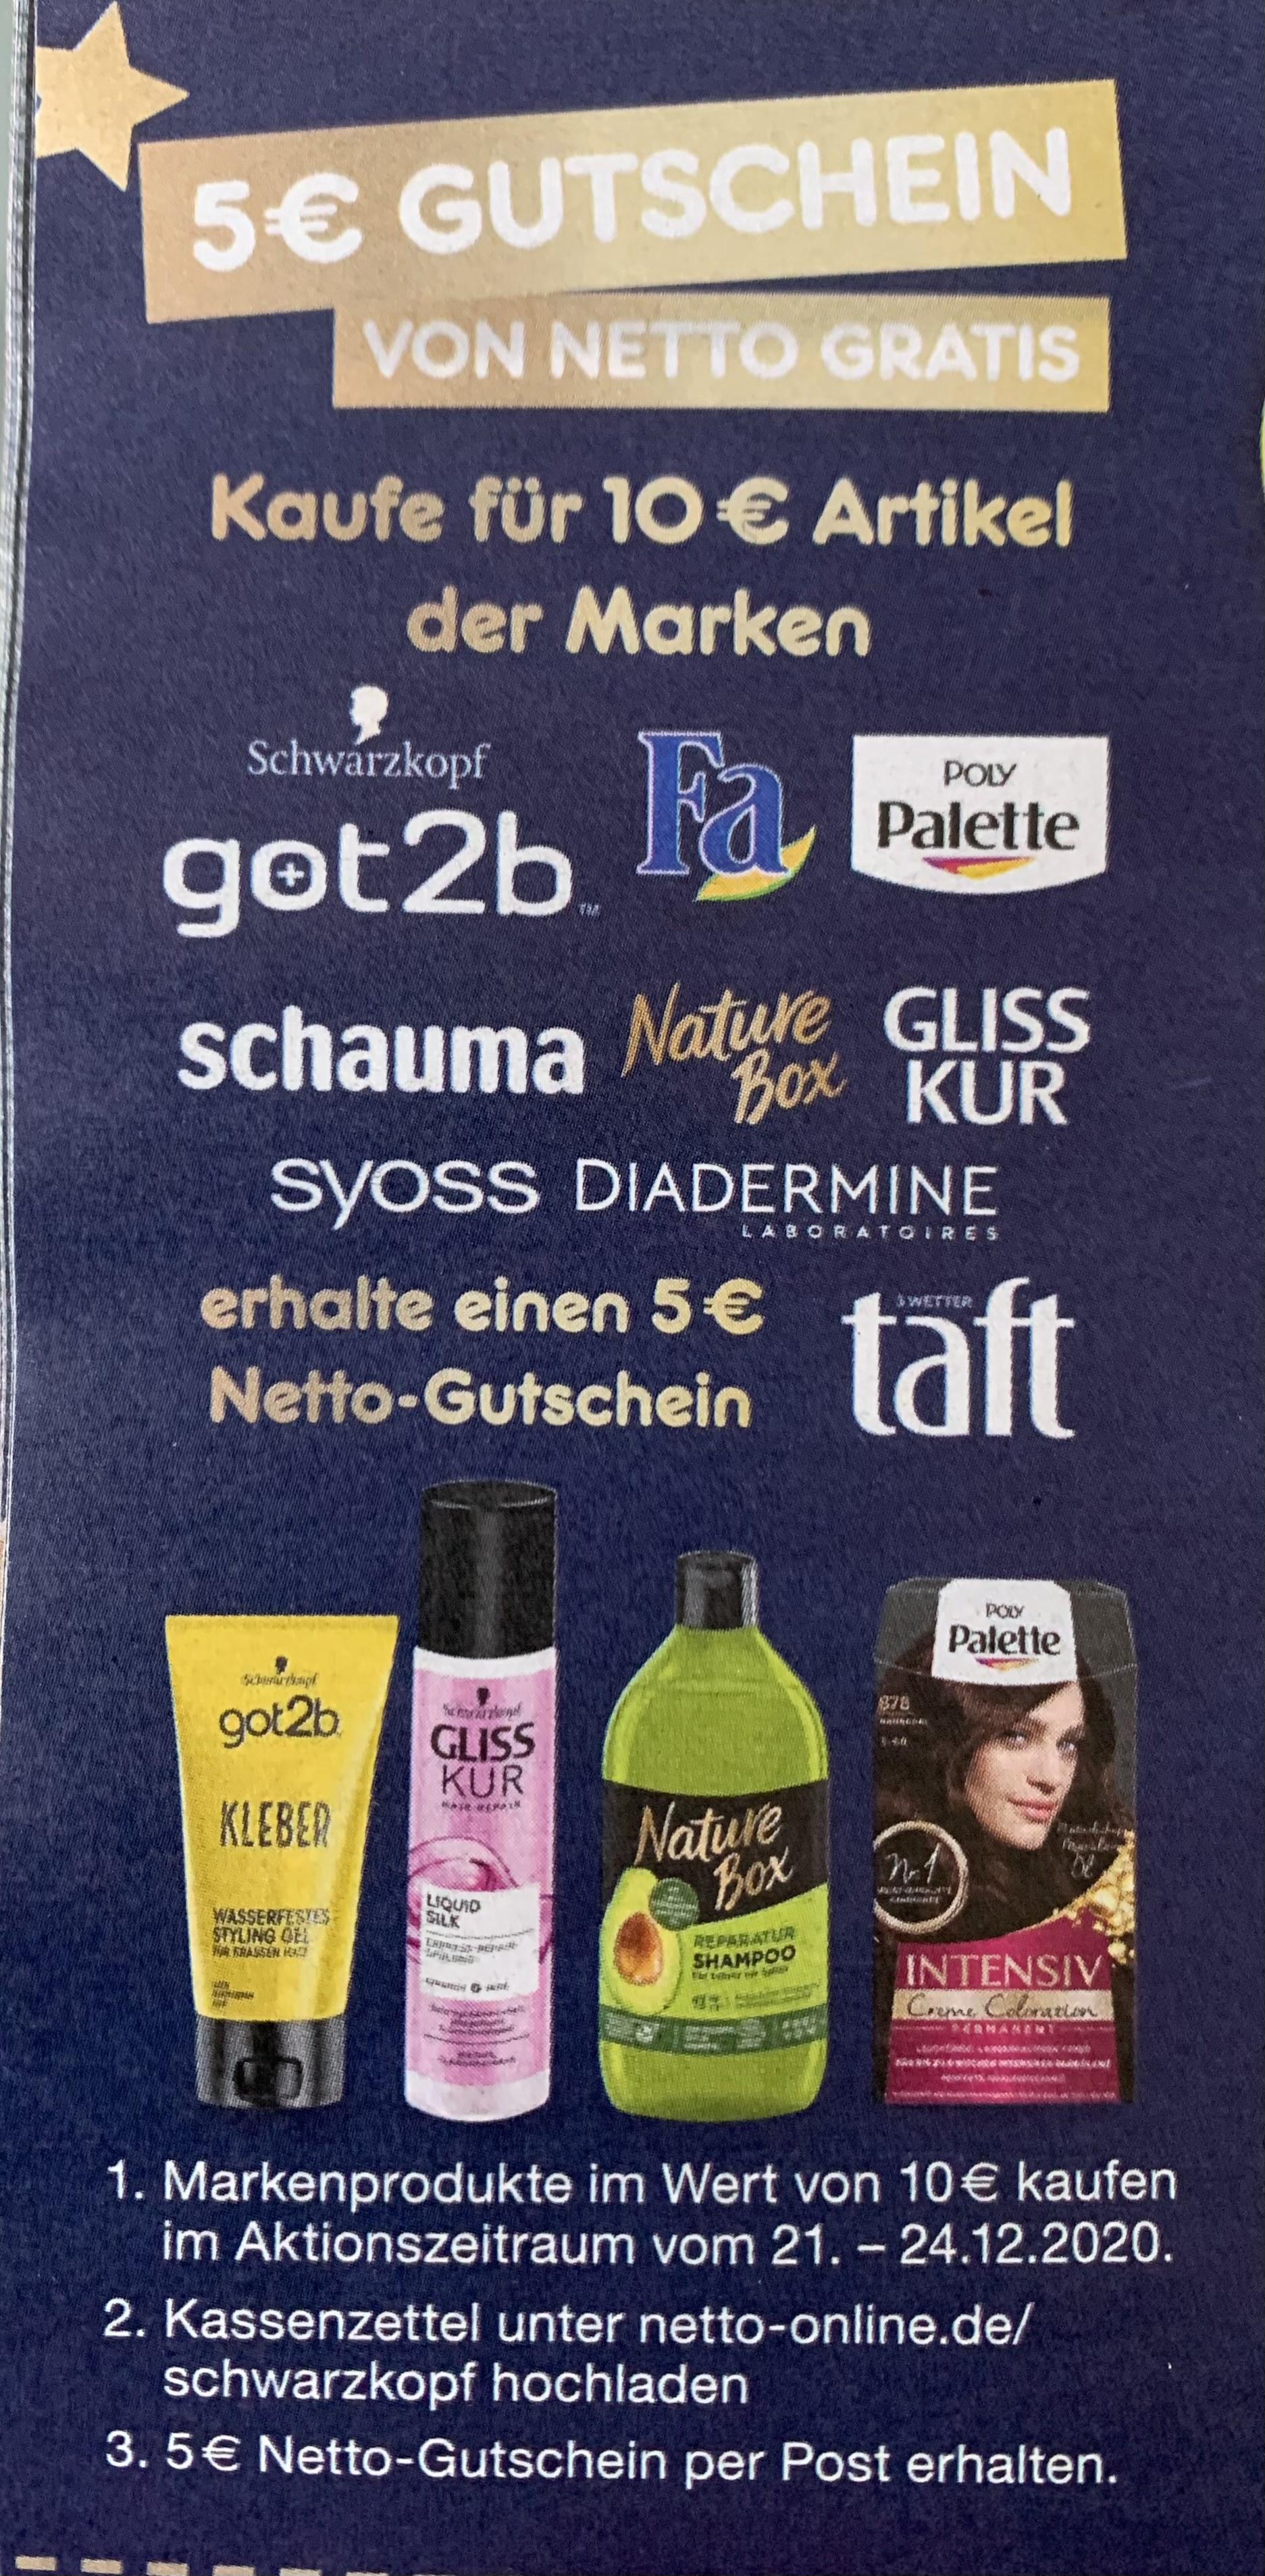 5€ Netto Gutschein Schwarzkopf Aktion